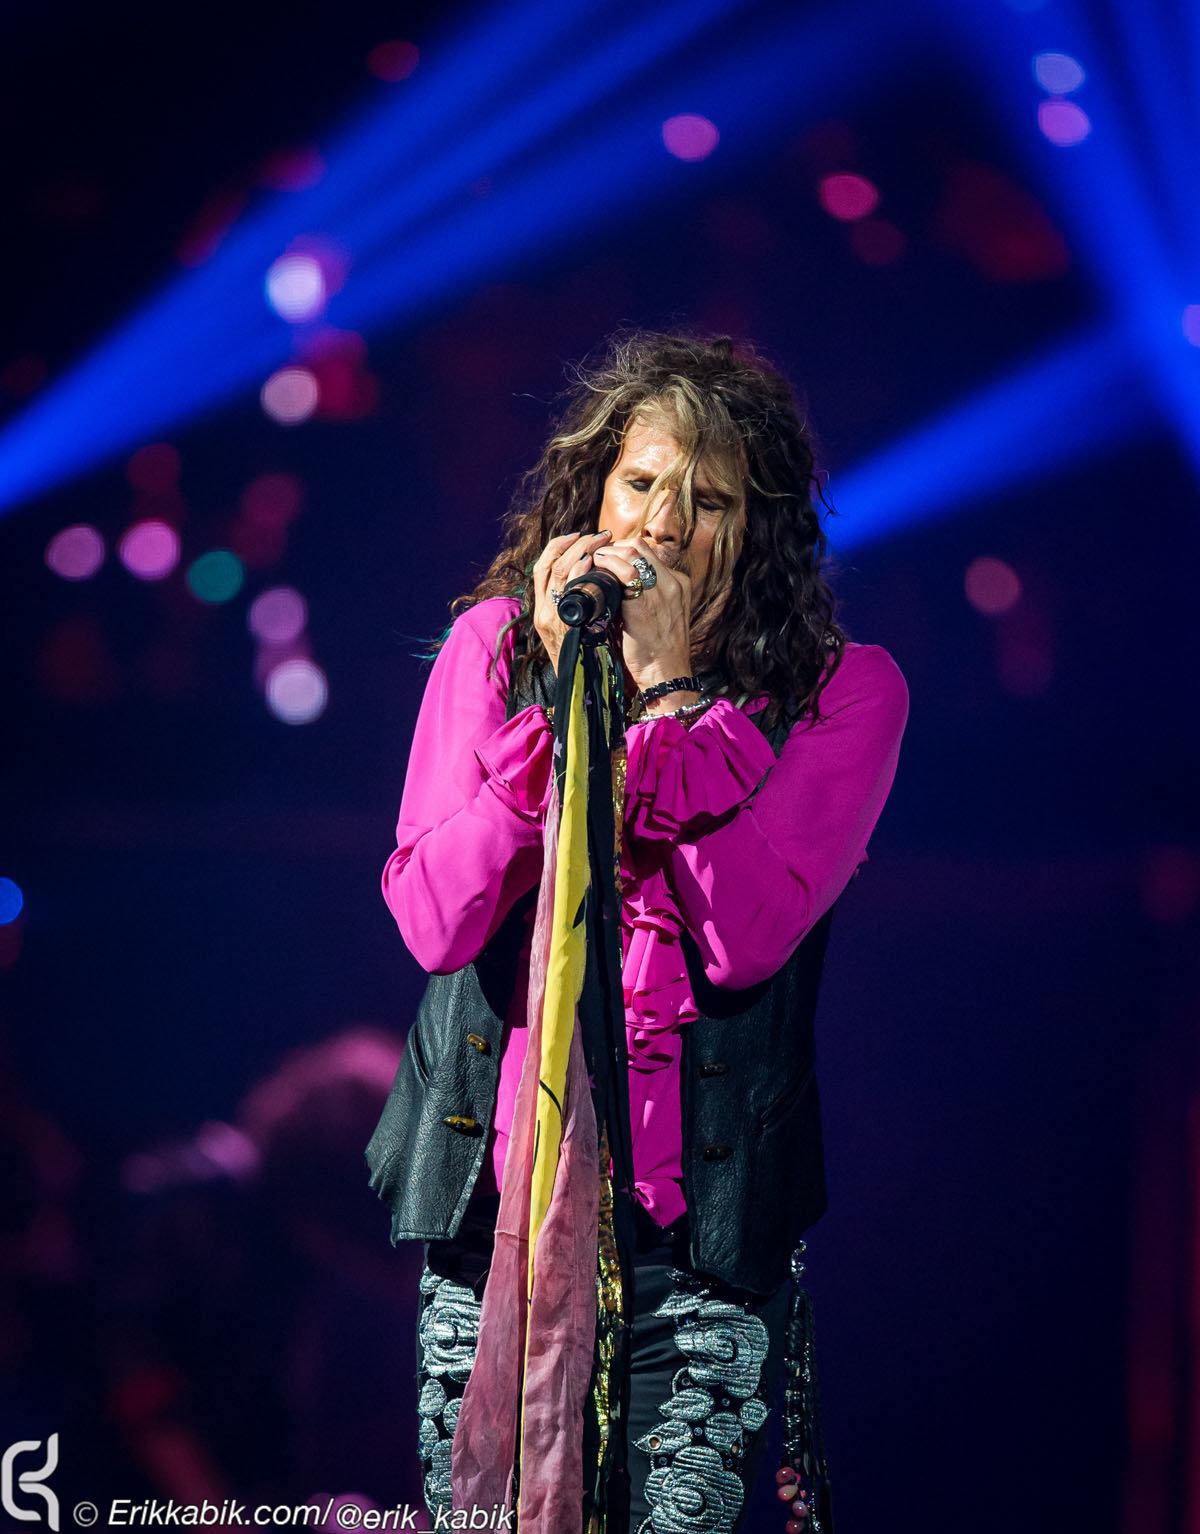 08_01_15_Aerosmith_MGM_kabik-143.jpg